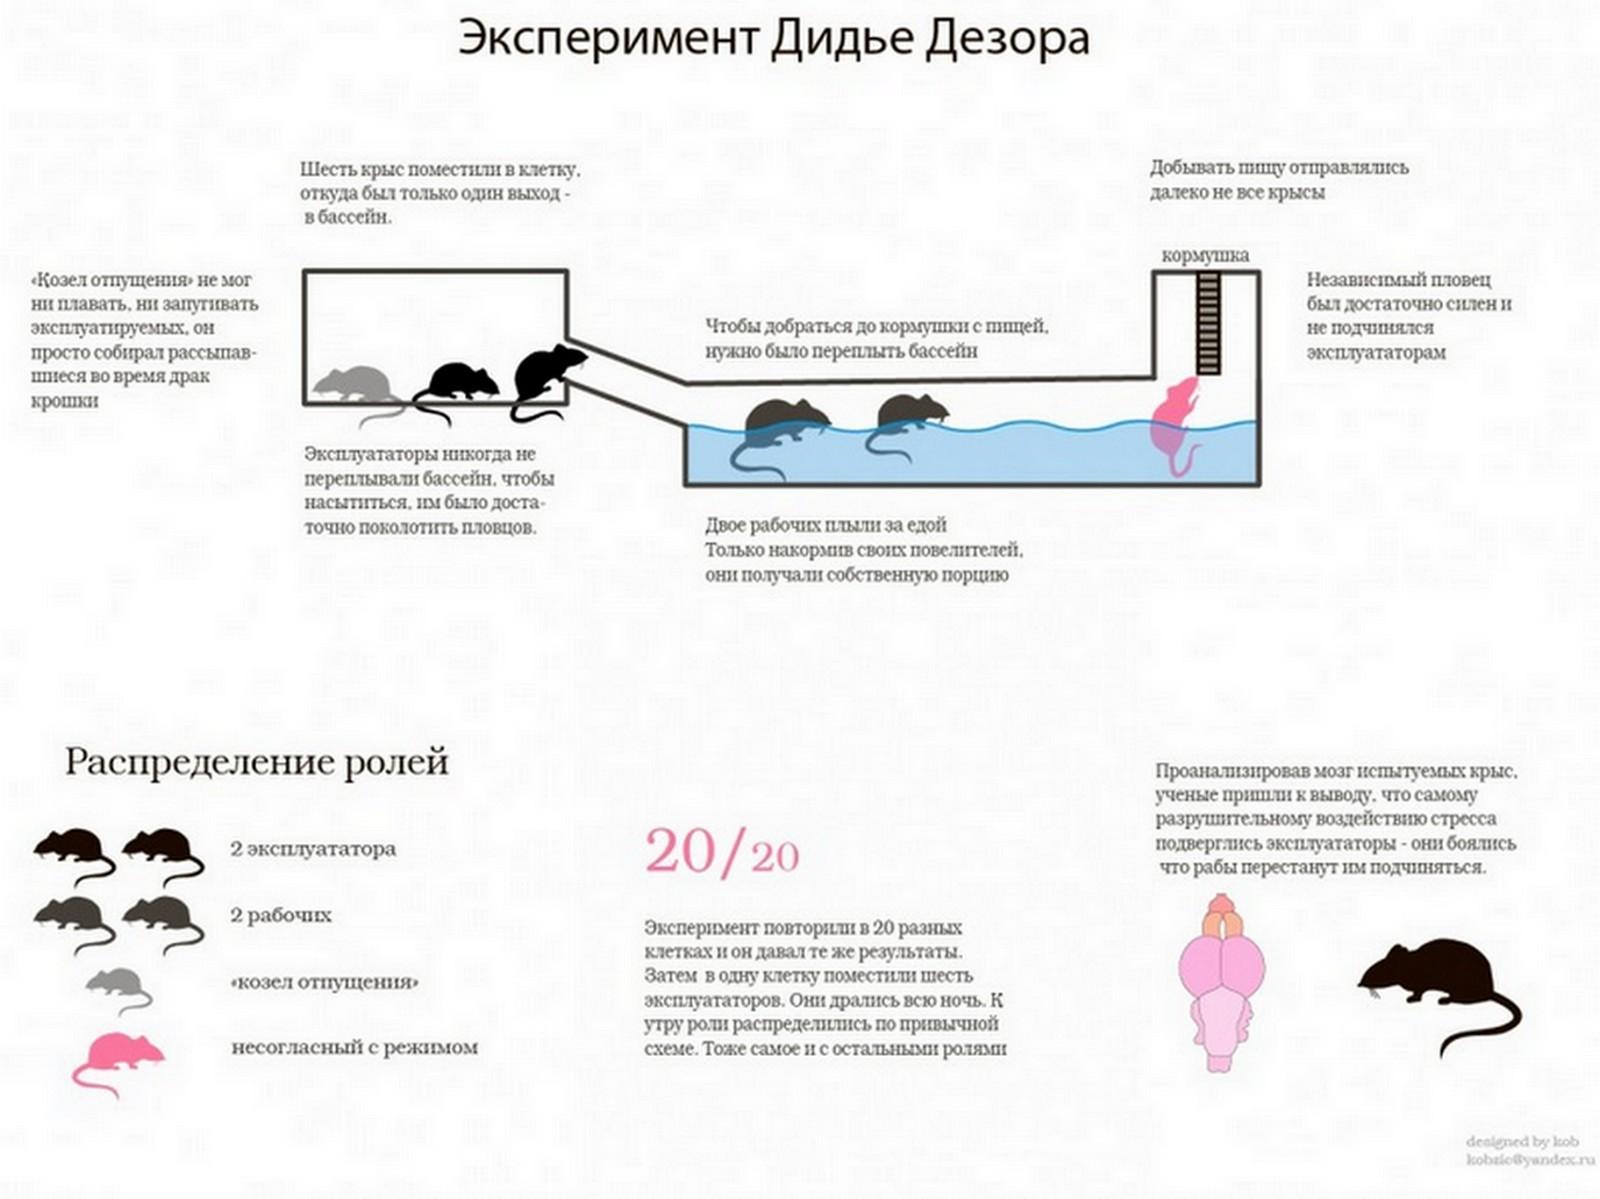 krisinoe_obschestvo